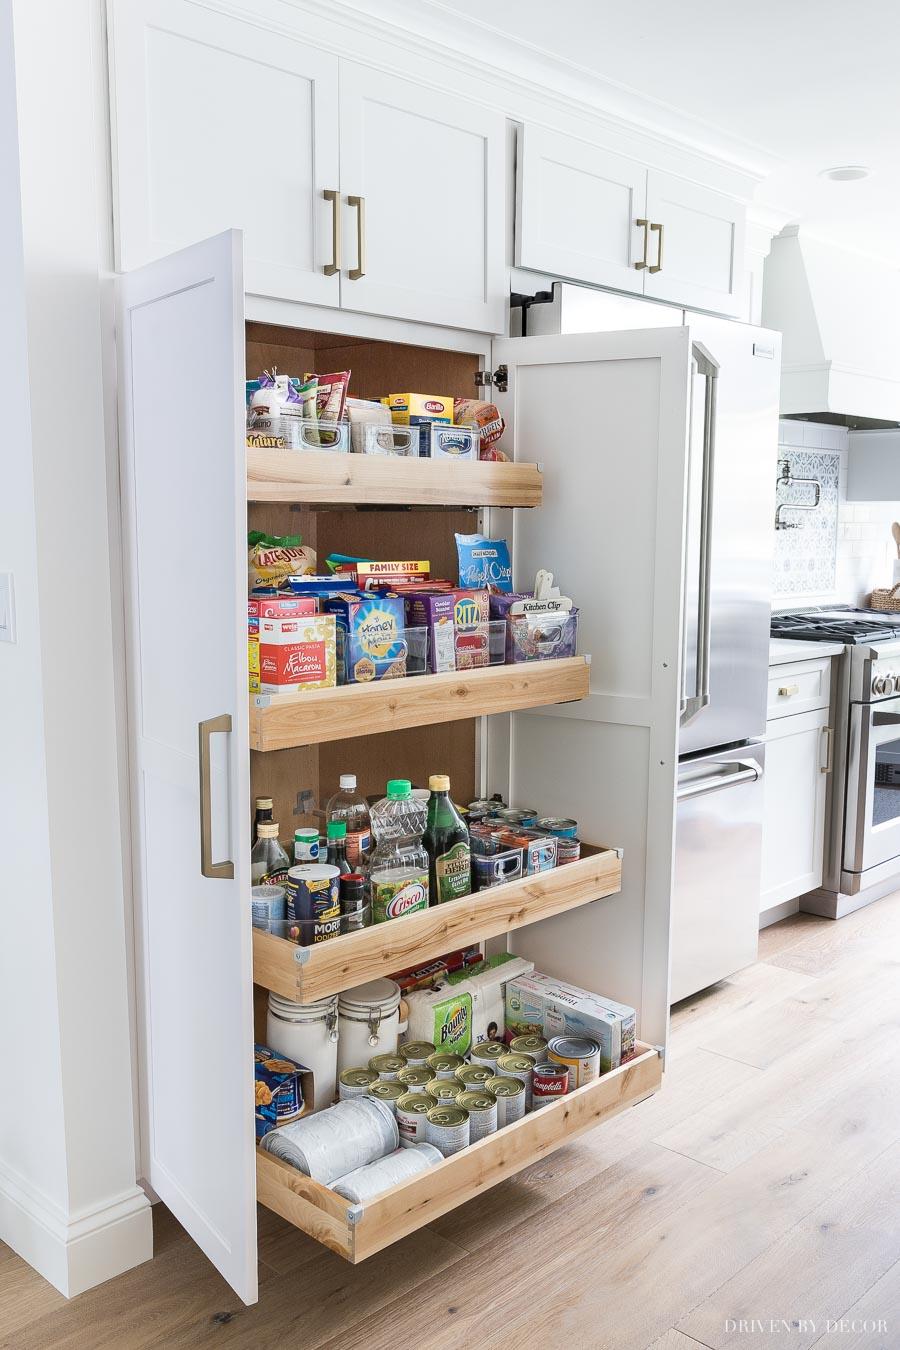 قراردادن فضای نگه دارنده مواد غذایی در کنار یخچال